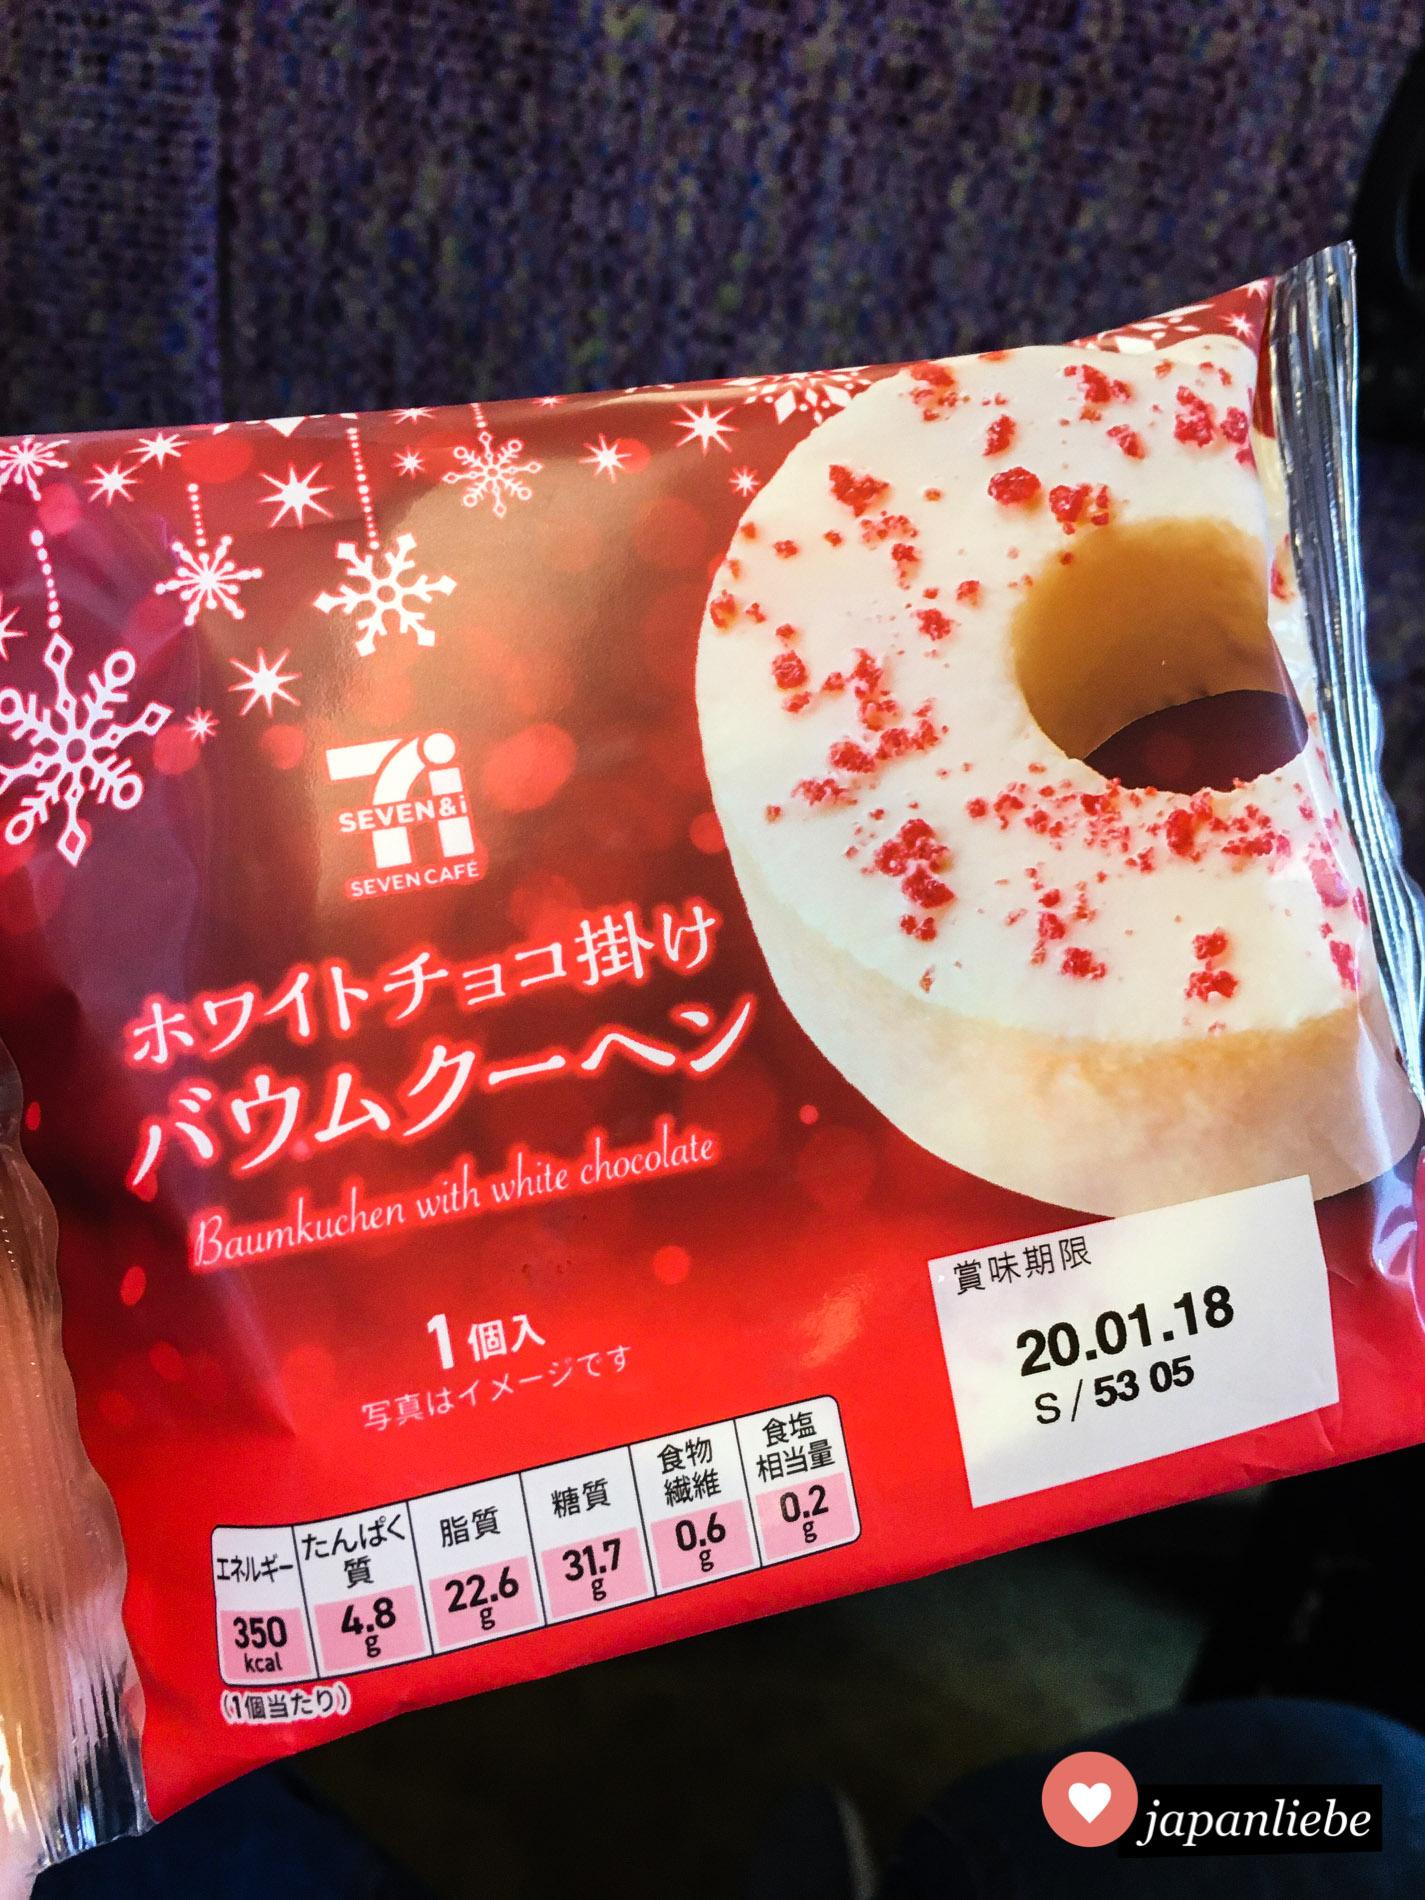 Auf dem Weg zum Flughafen gebe ich gern mal meine letzten Yen für Baumkuchen aus dem konbini aus.